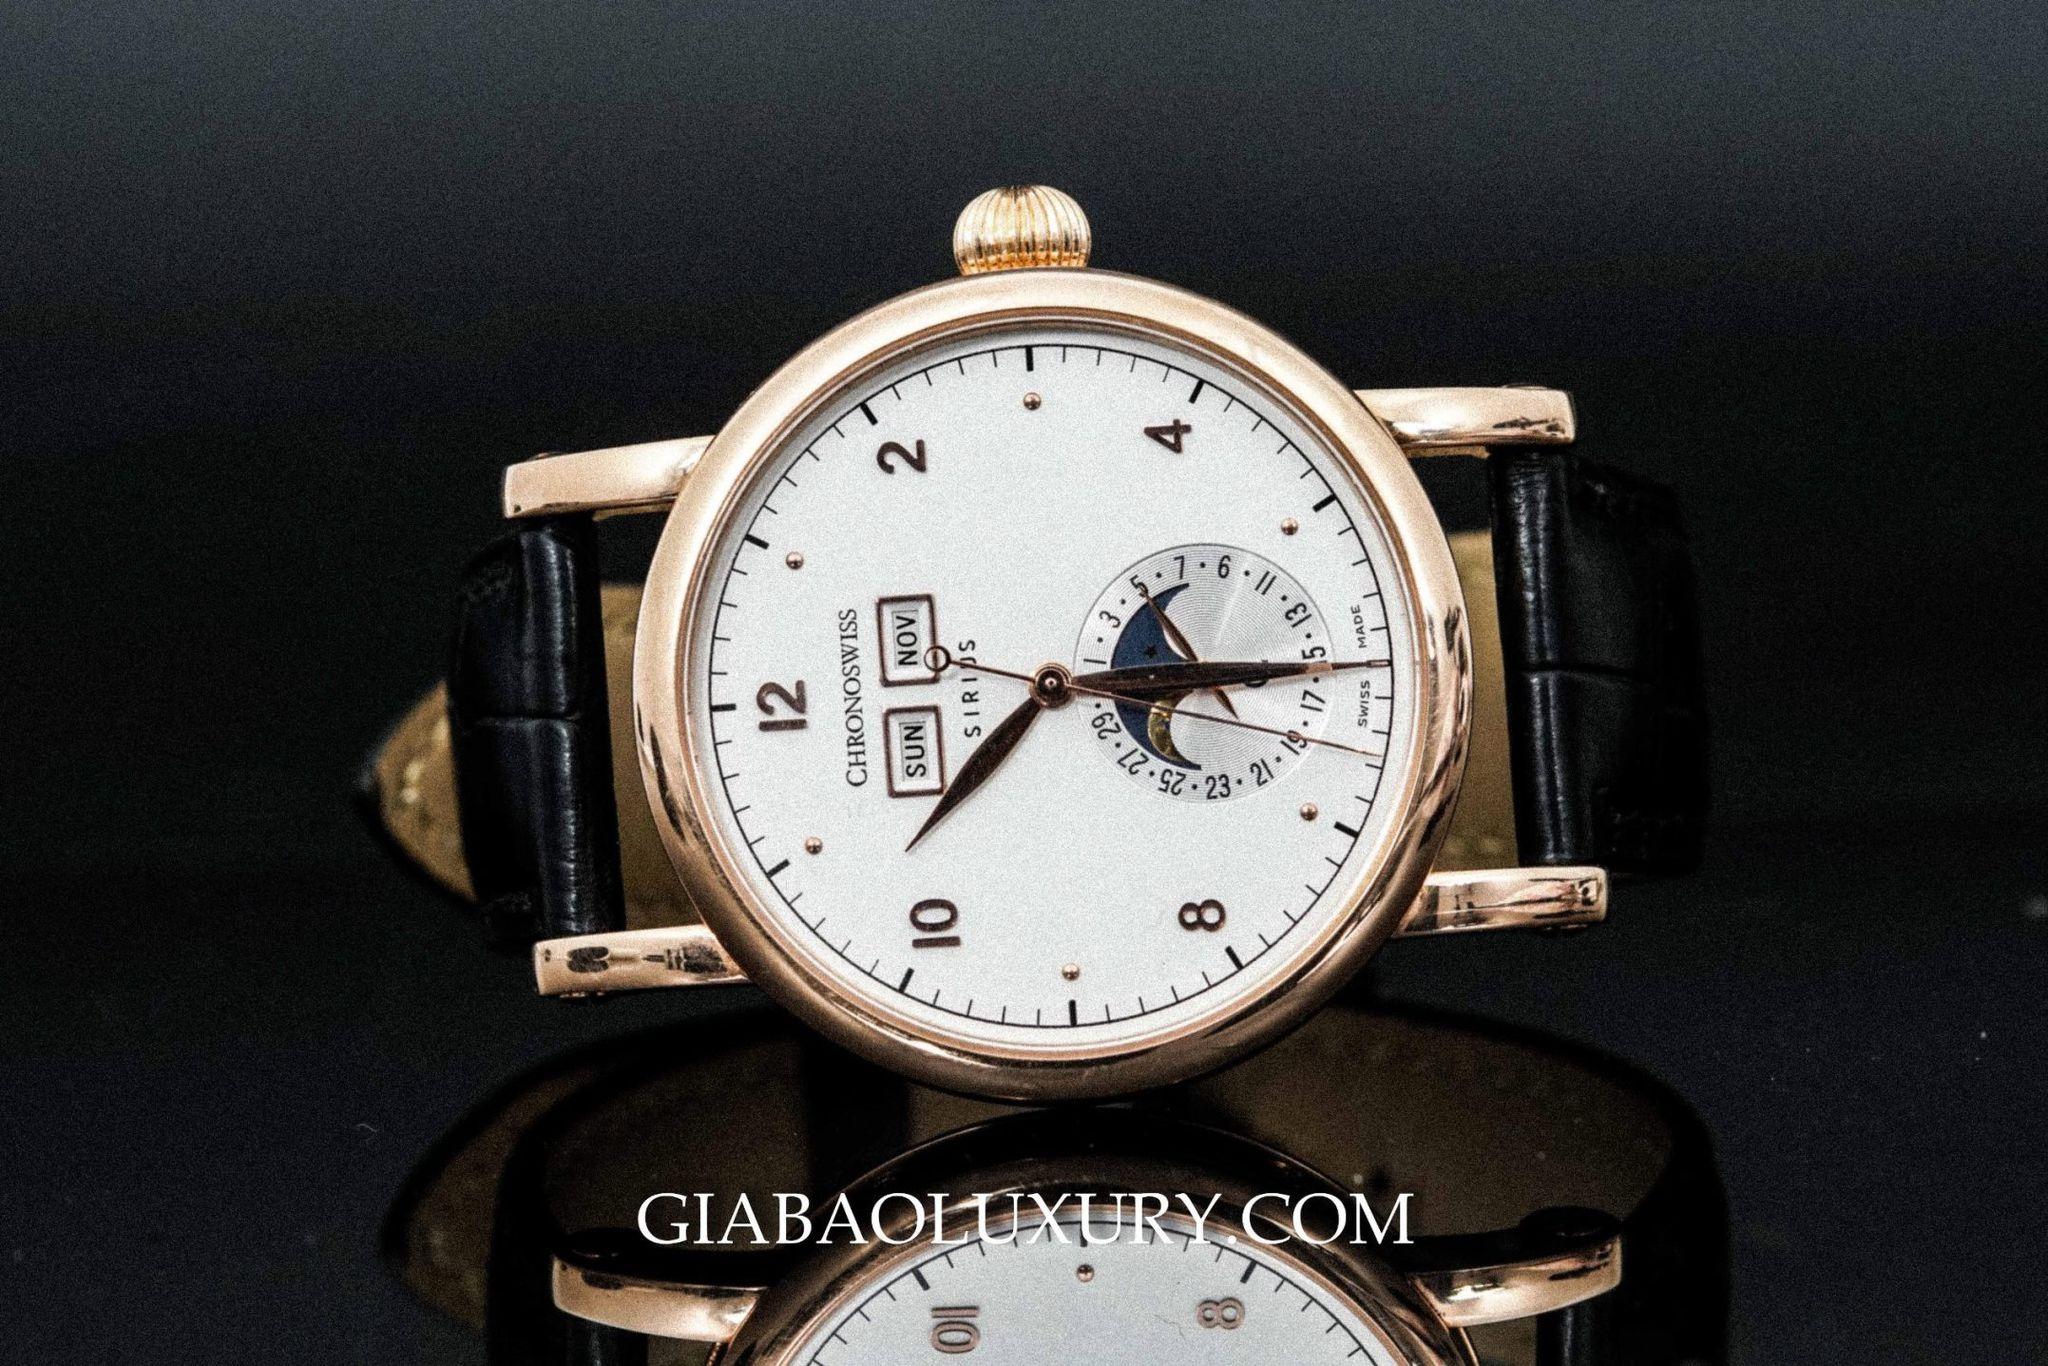 Thu mua đồng hồ Chronoswiss chính hãng tại Gia Bảo Luxury